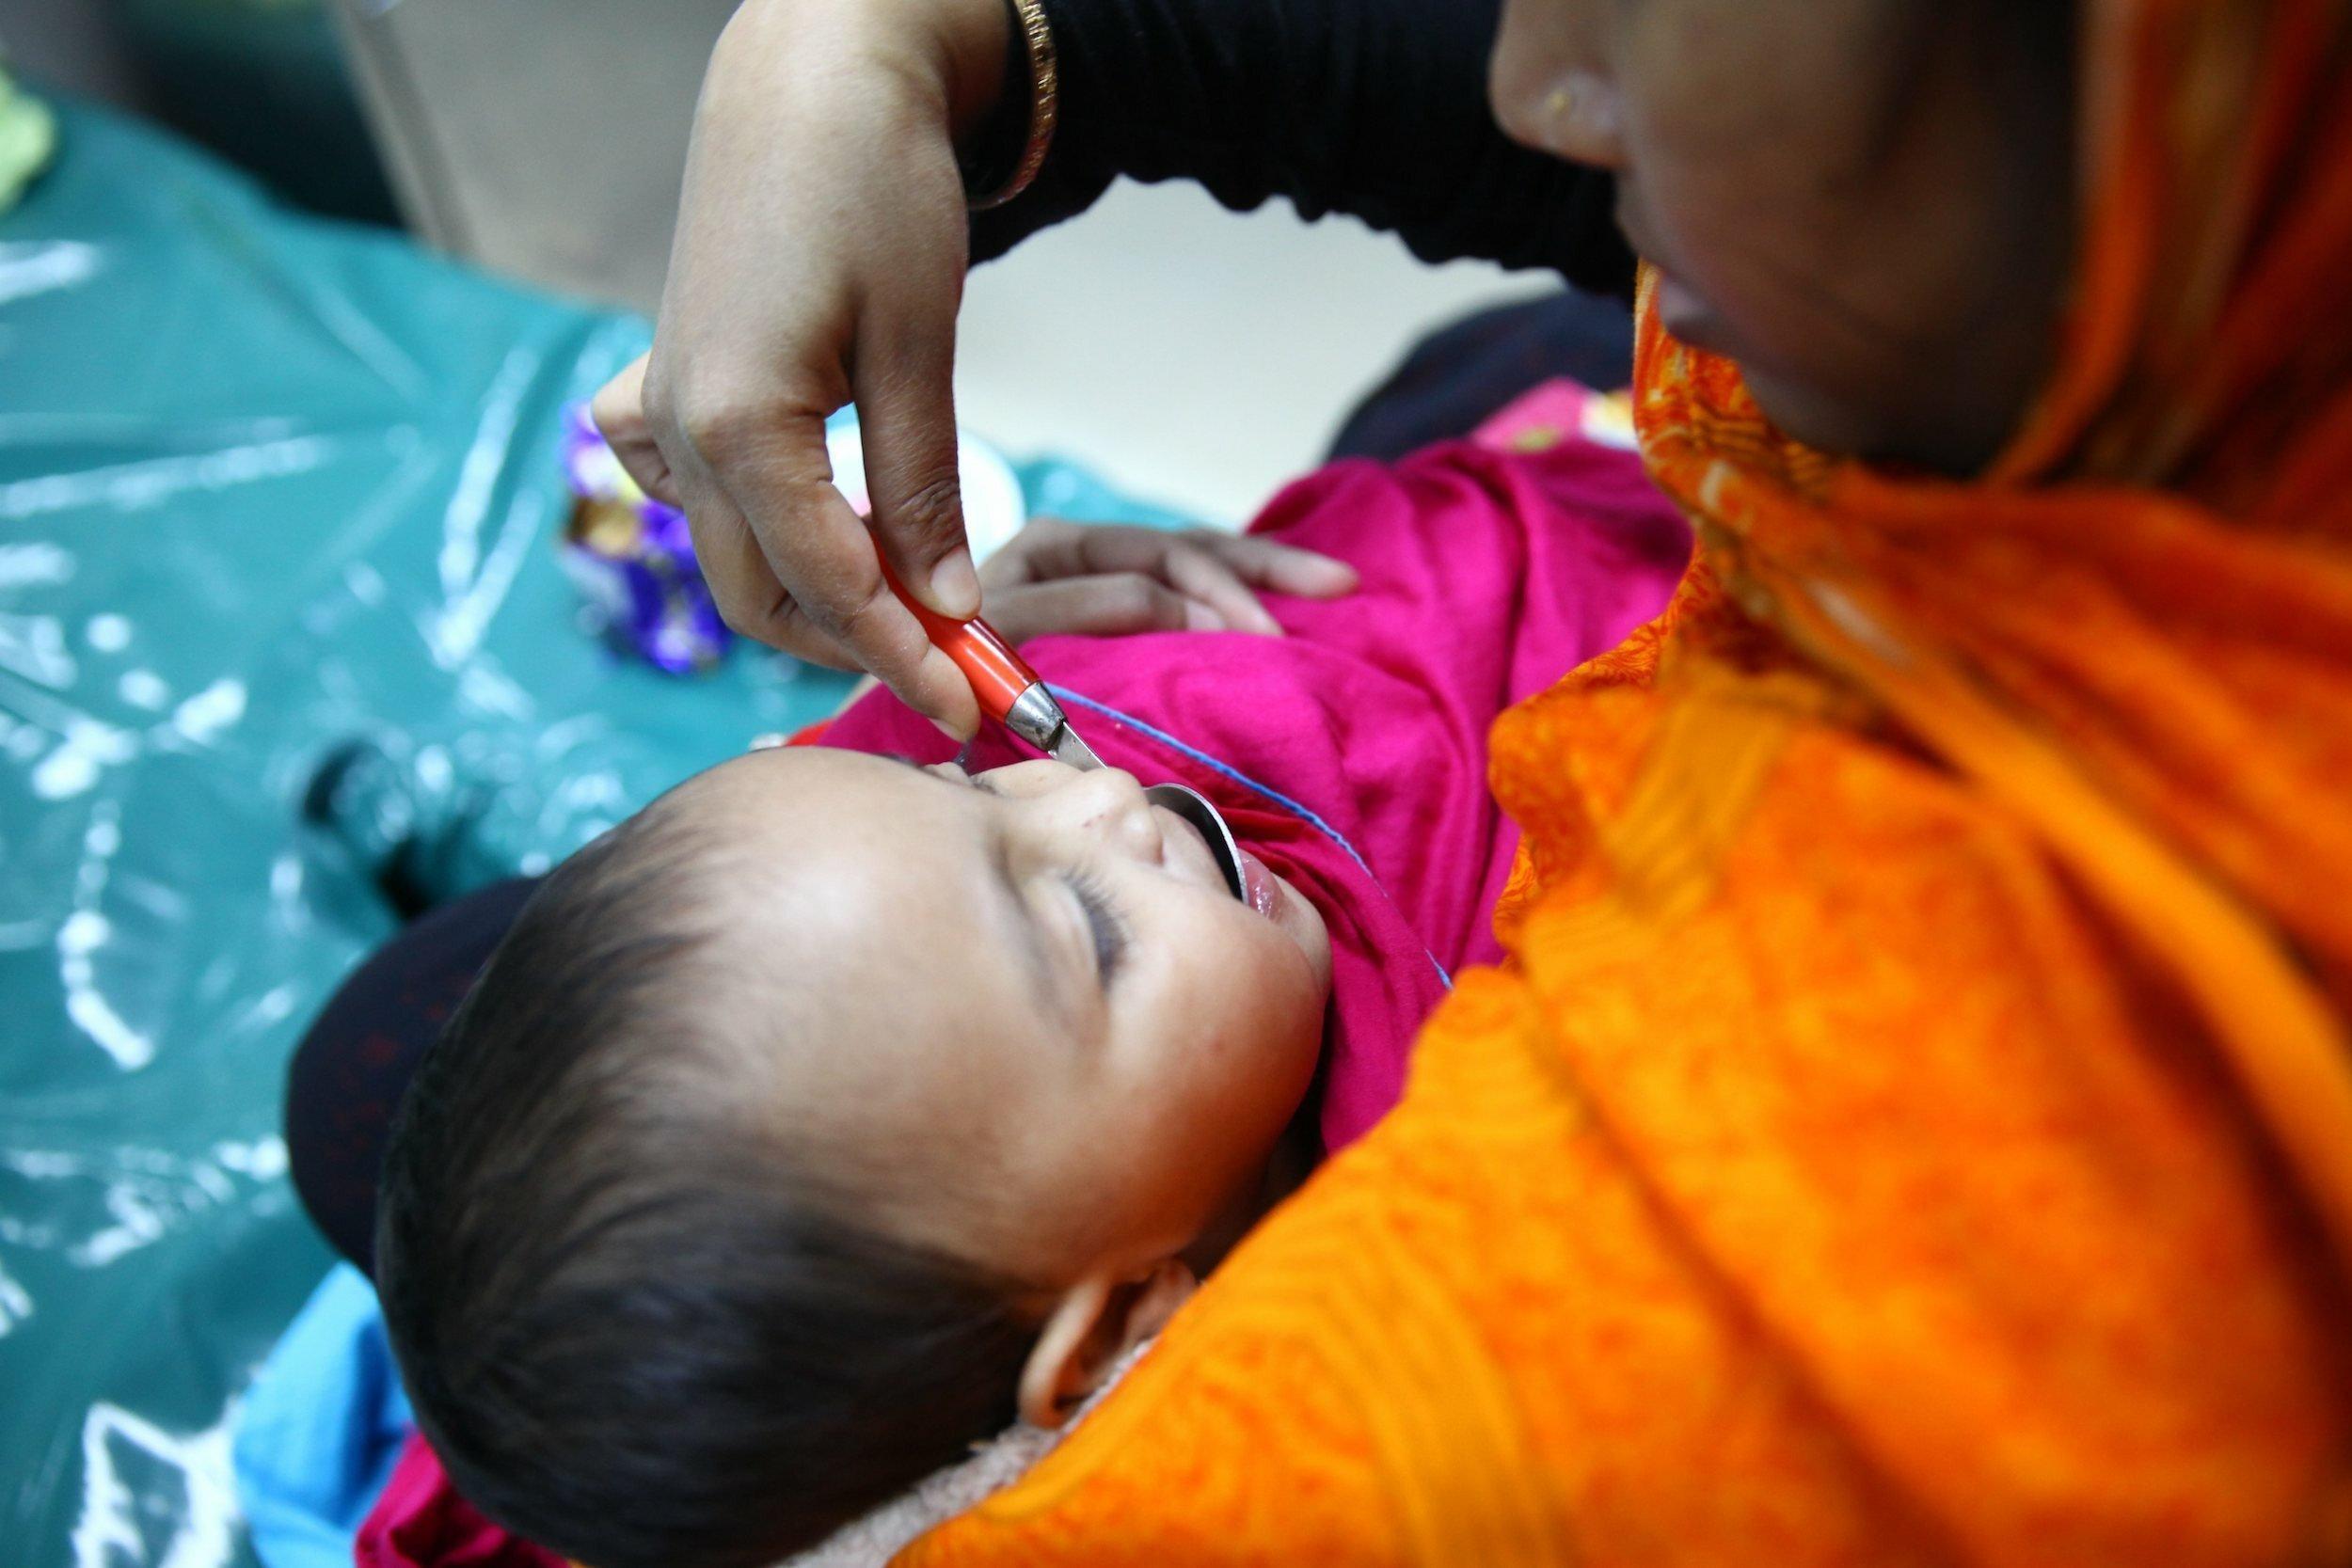 Eine Frau hat ein Baby im Arm und einen Löffel in der rechten Hand, den sie an den Mund des Kindes führt.